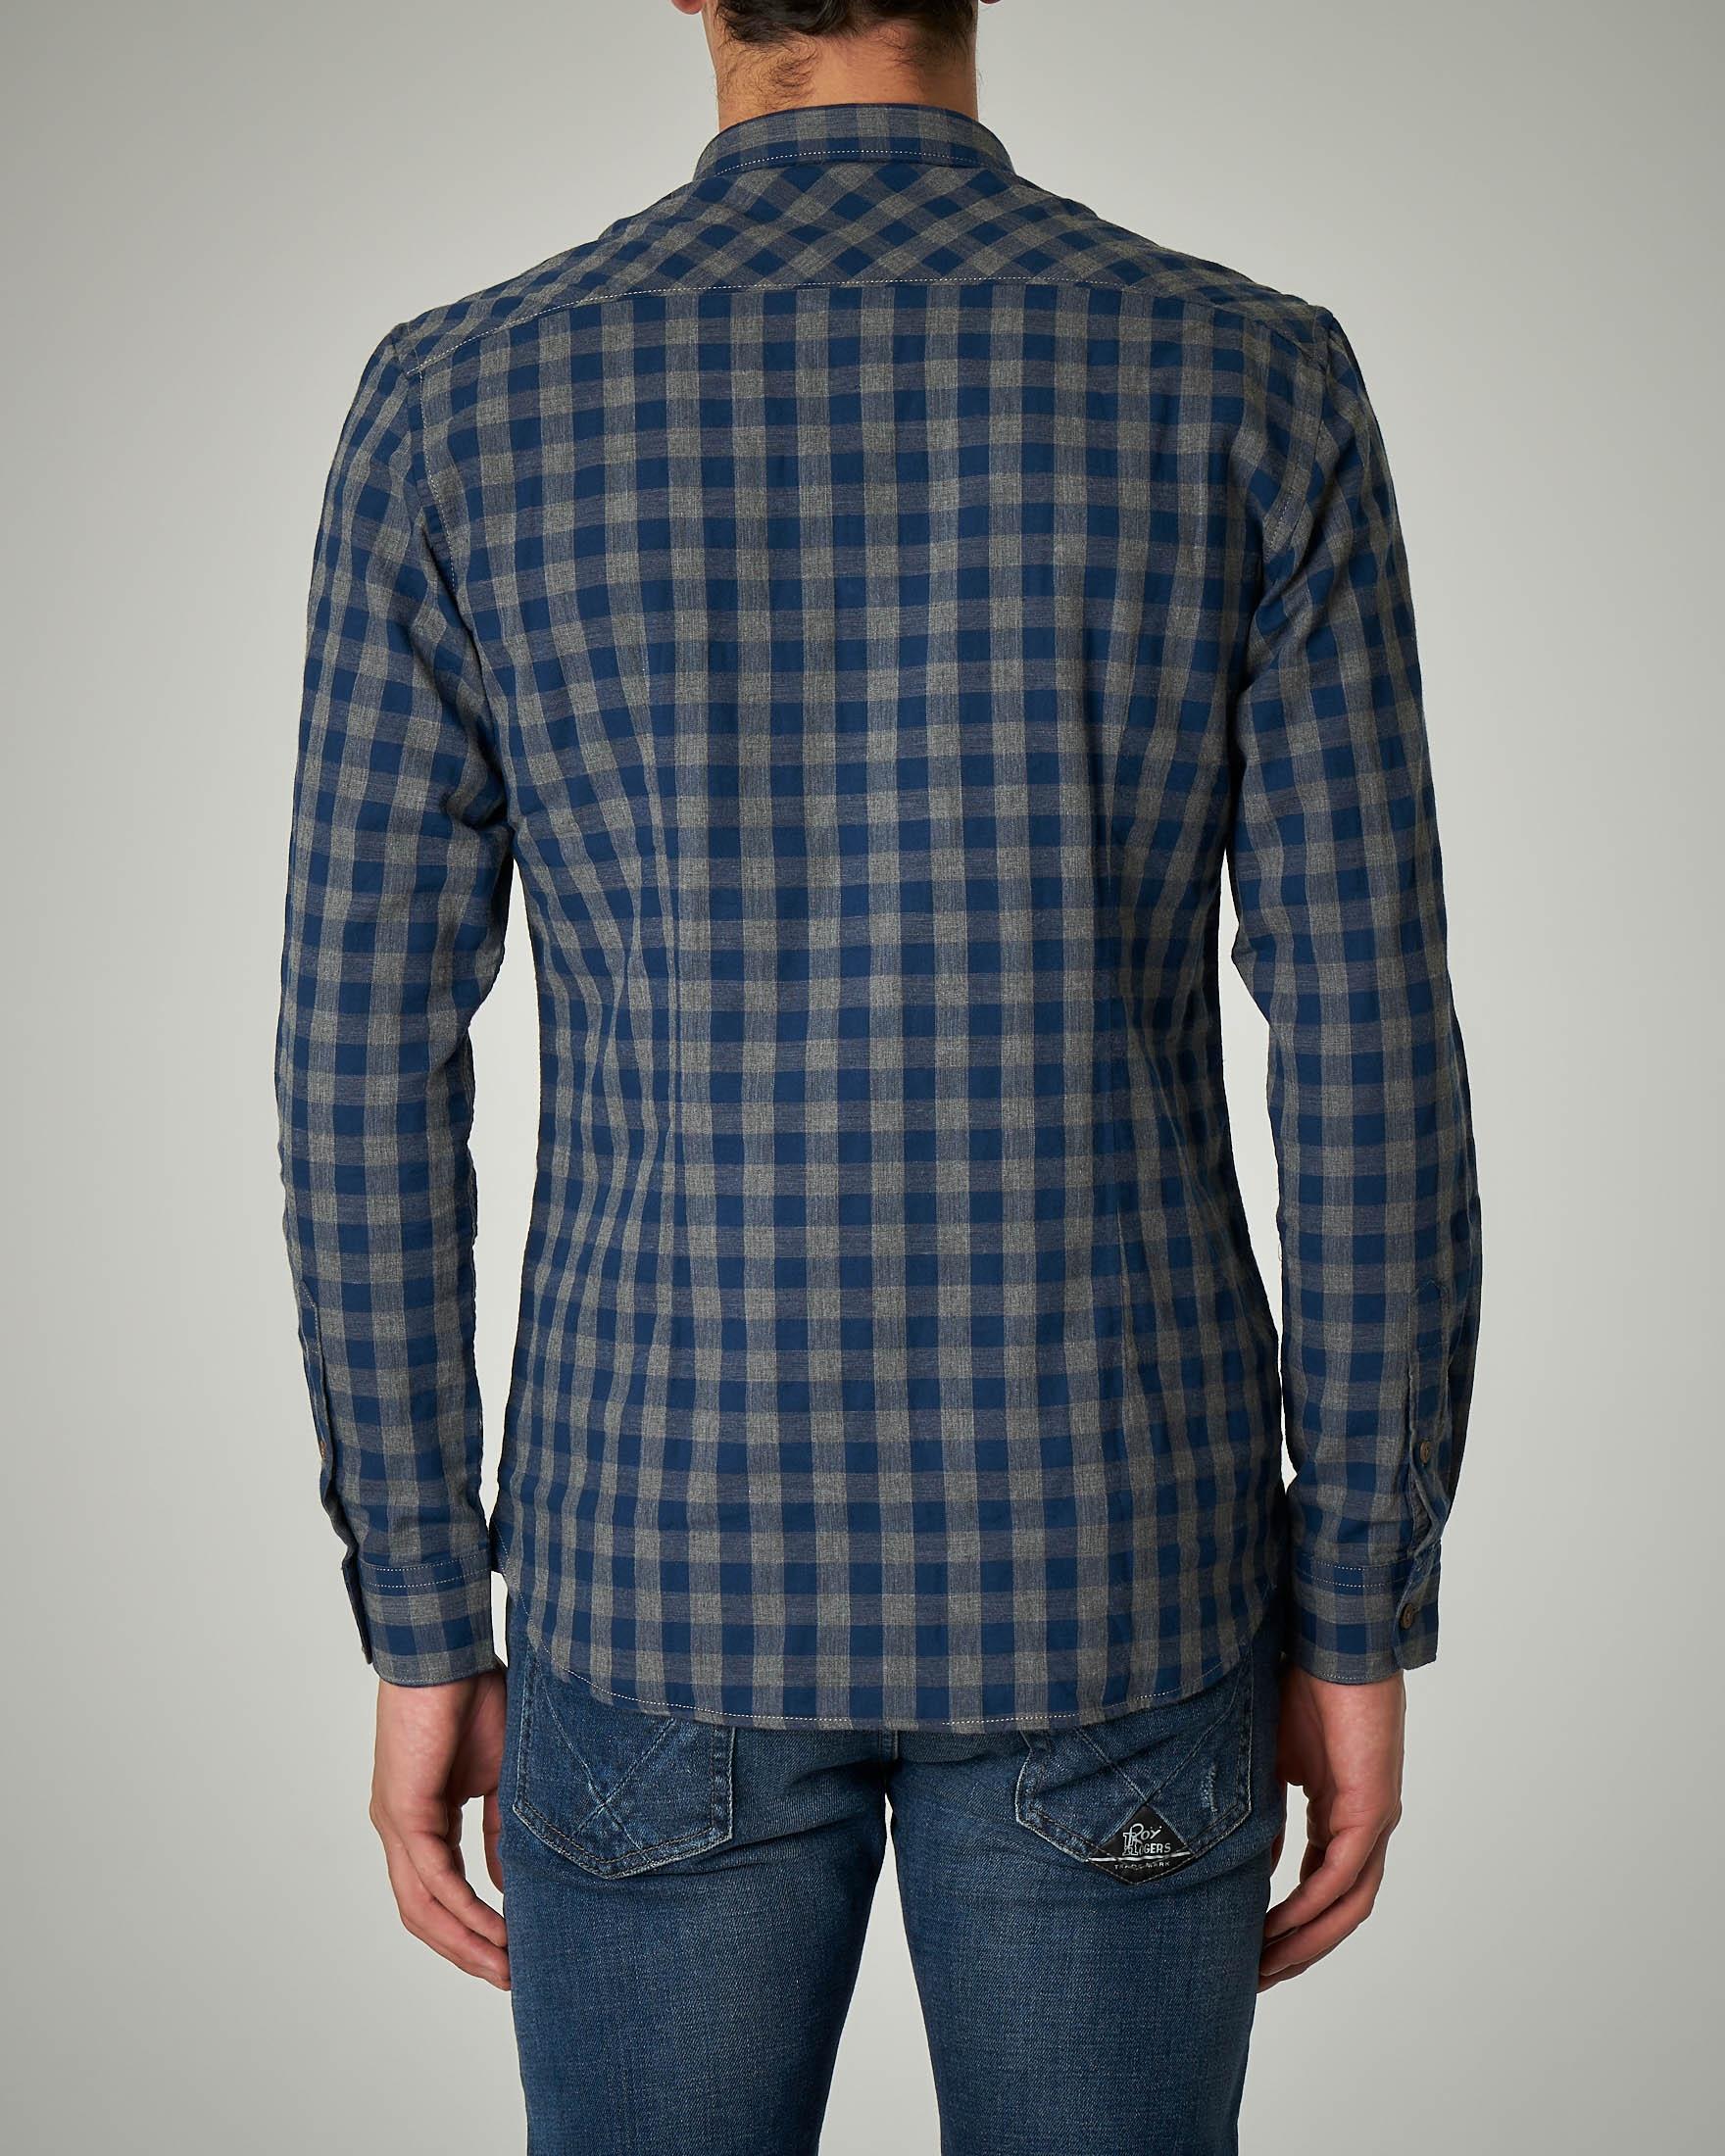 pretty nice ae48b 04788 Camicia a quadri blu e grigi | Pellizzari E-commerce